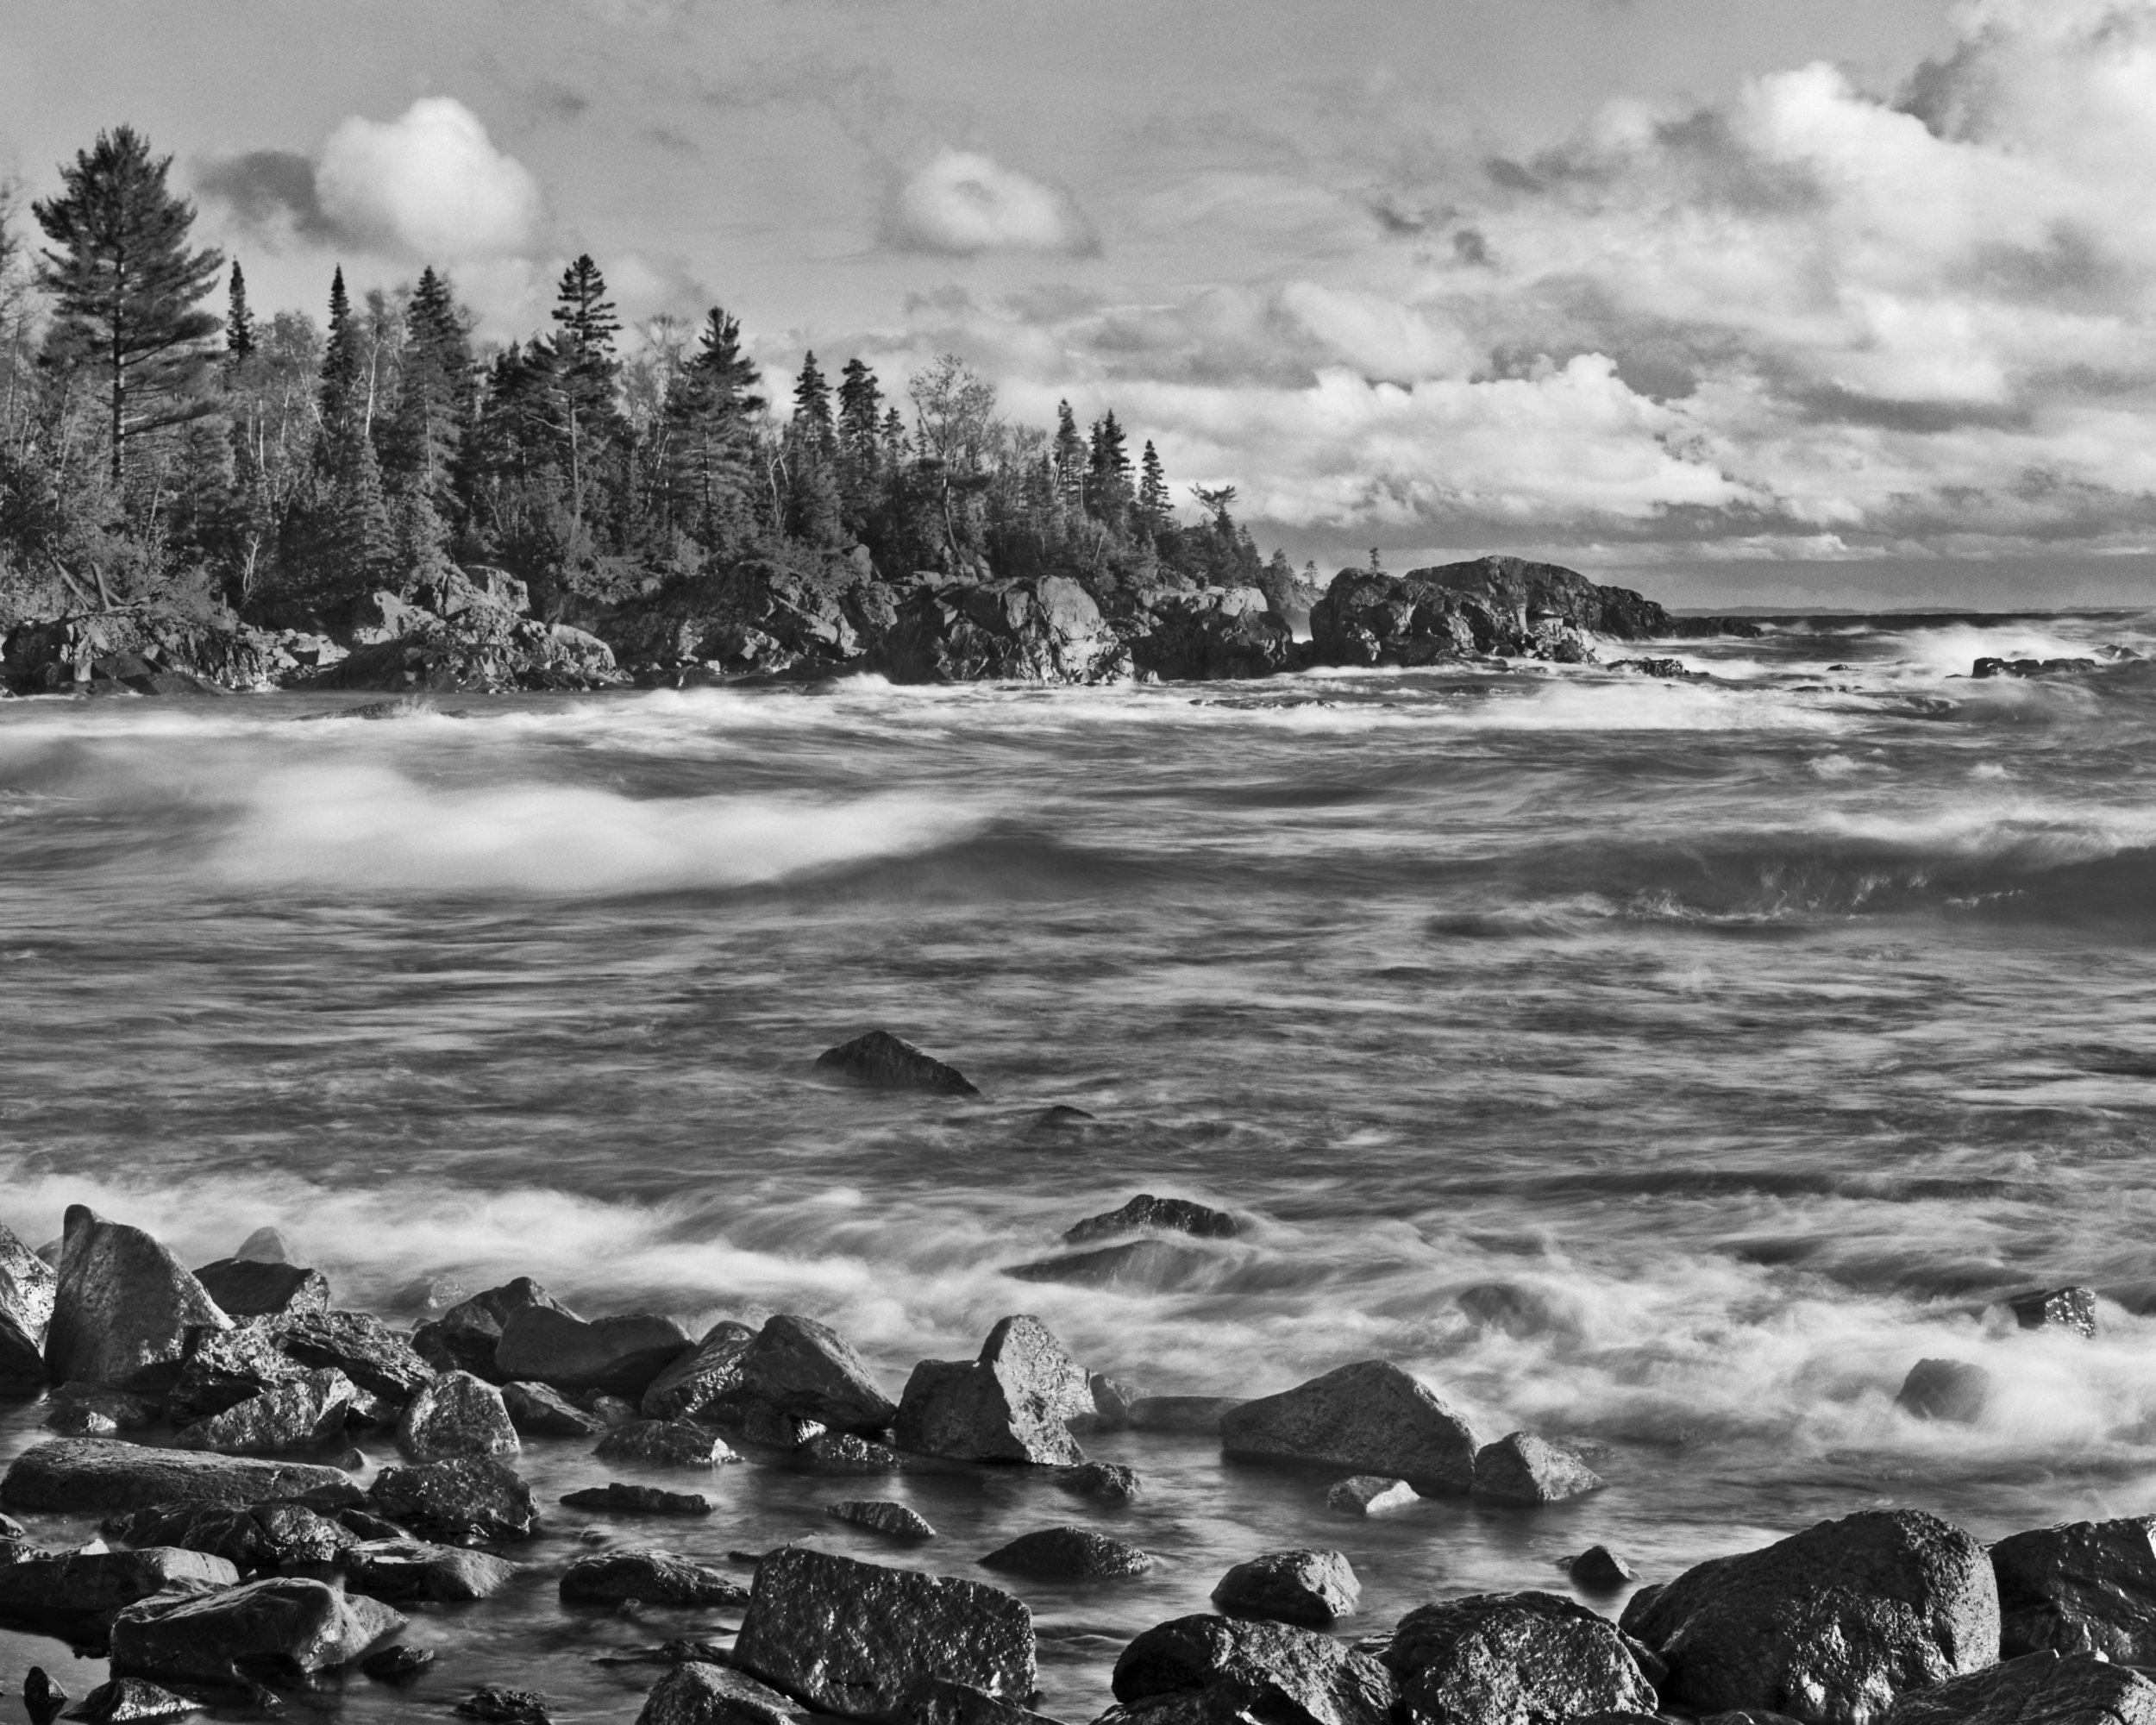 071_Lake_Superior.jpg